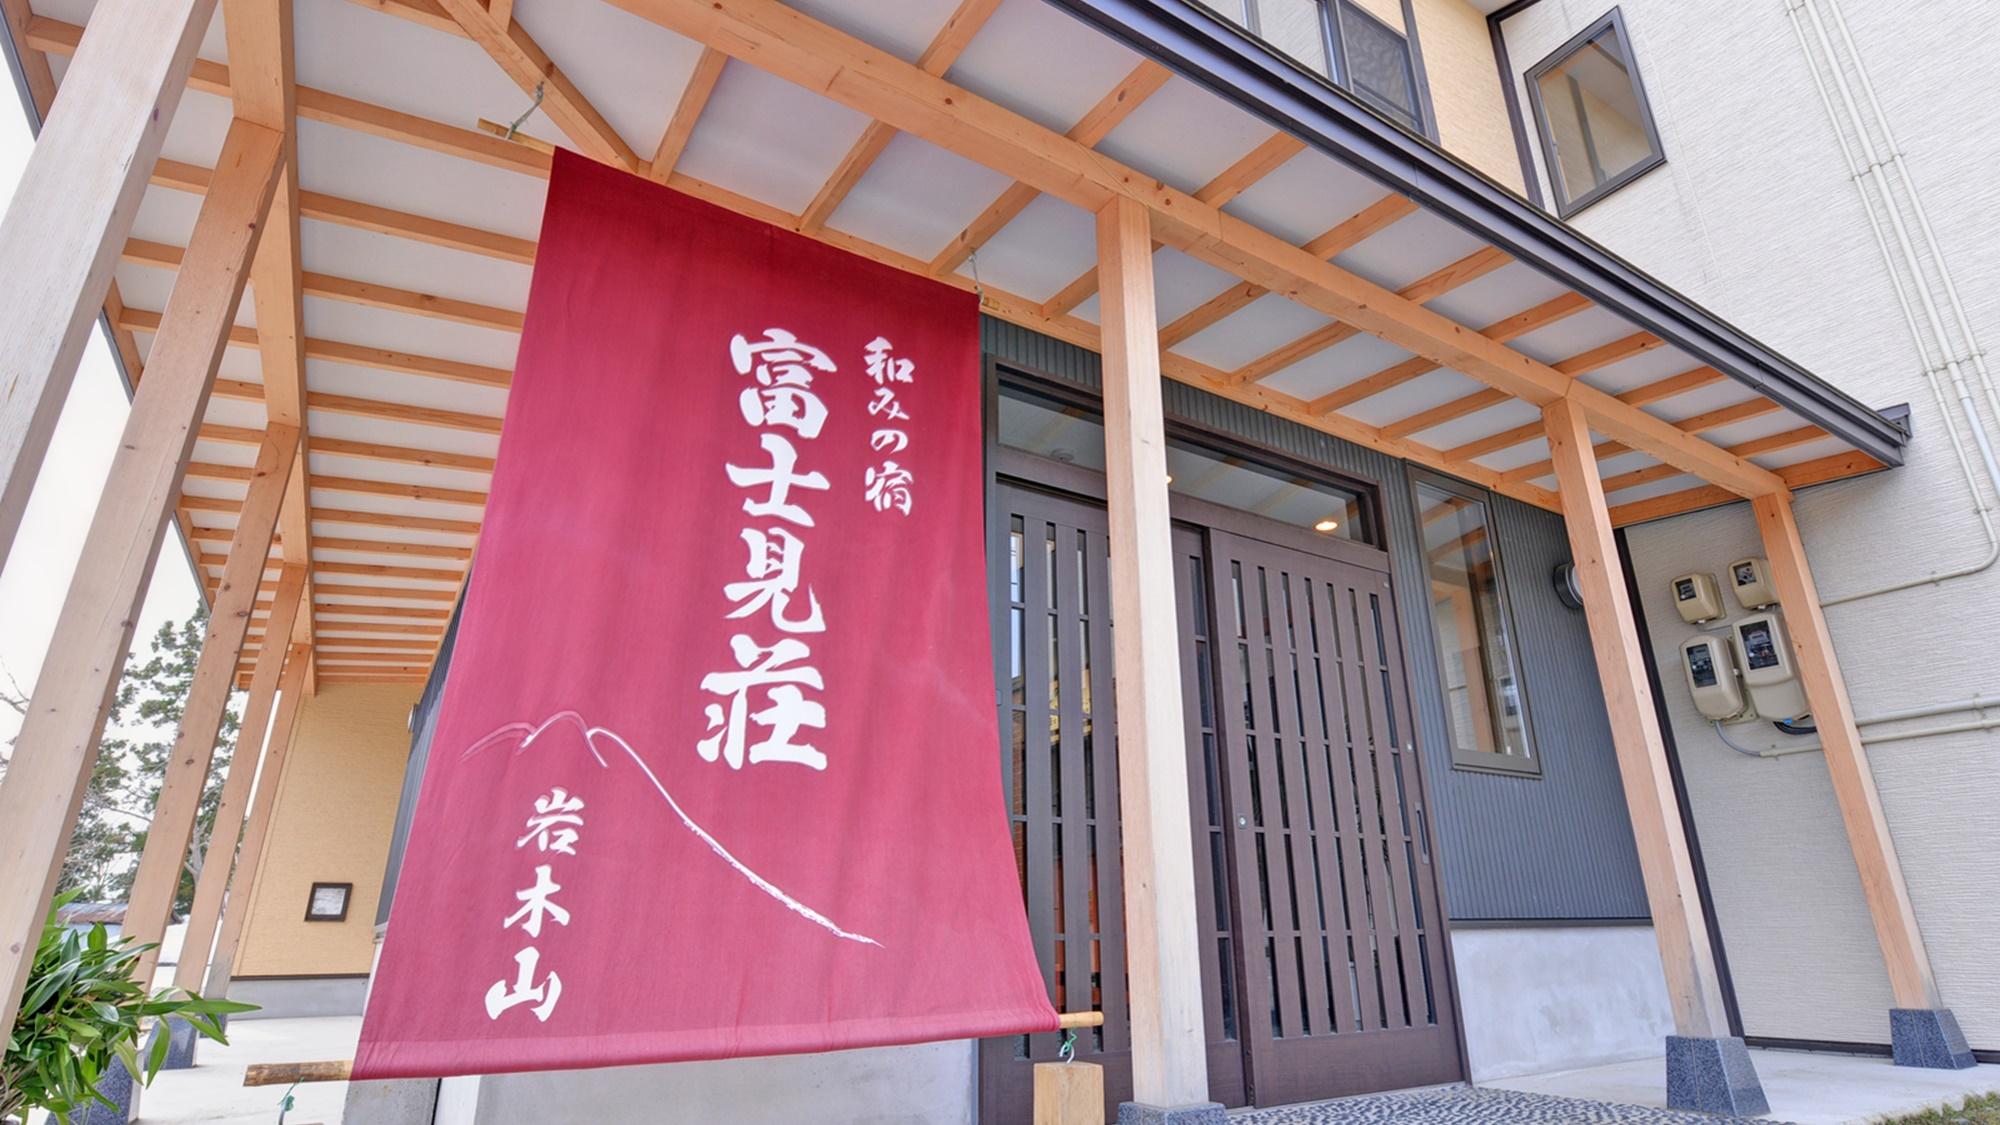 百沢温泉 和みの宿 富士見荘 その1